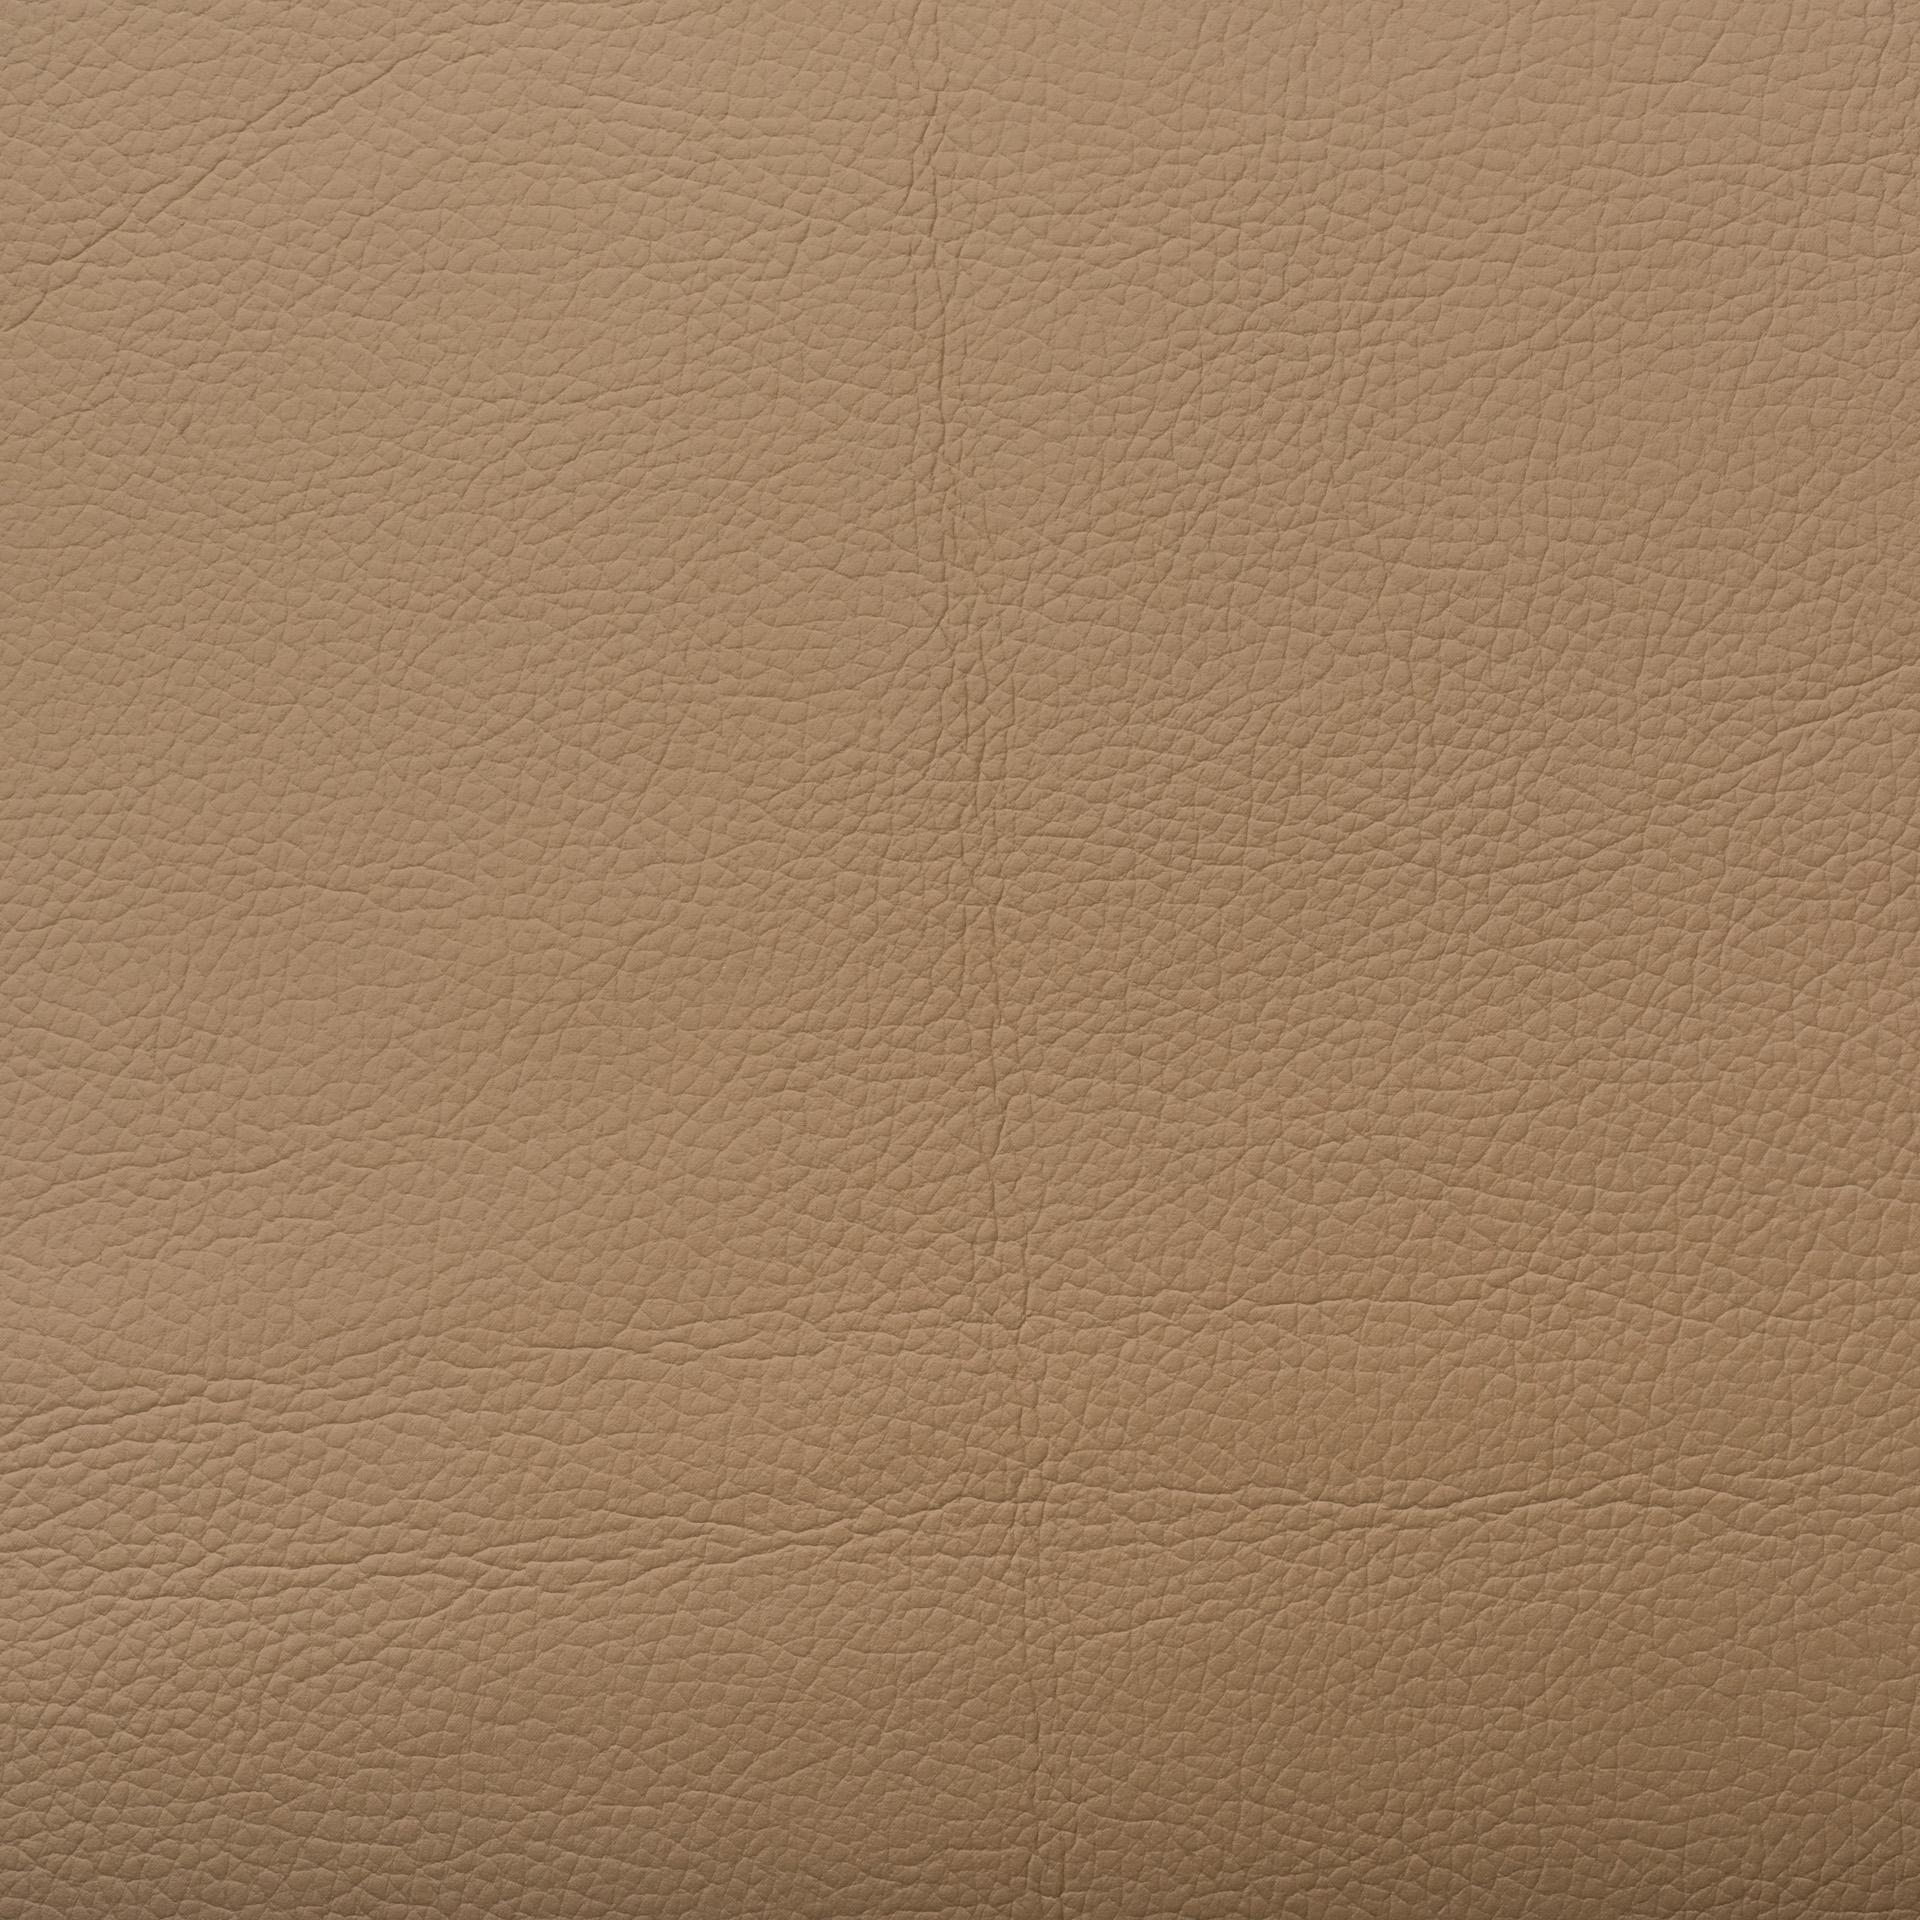 Коллекция ткани Леонардо Каппеллини 02 CARAMEL APPLE,  купить ткань Кож зам для мебели Украина